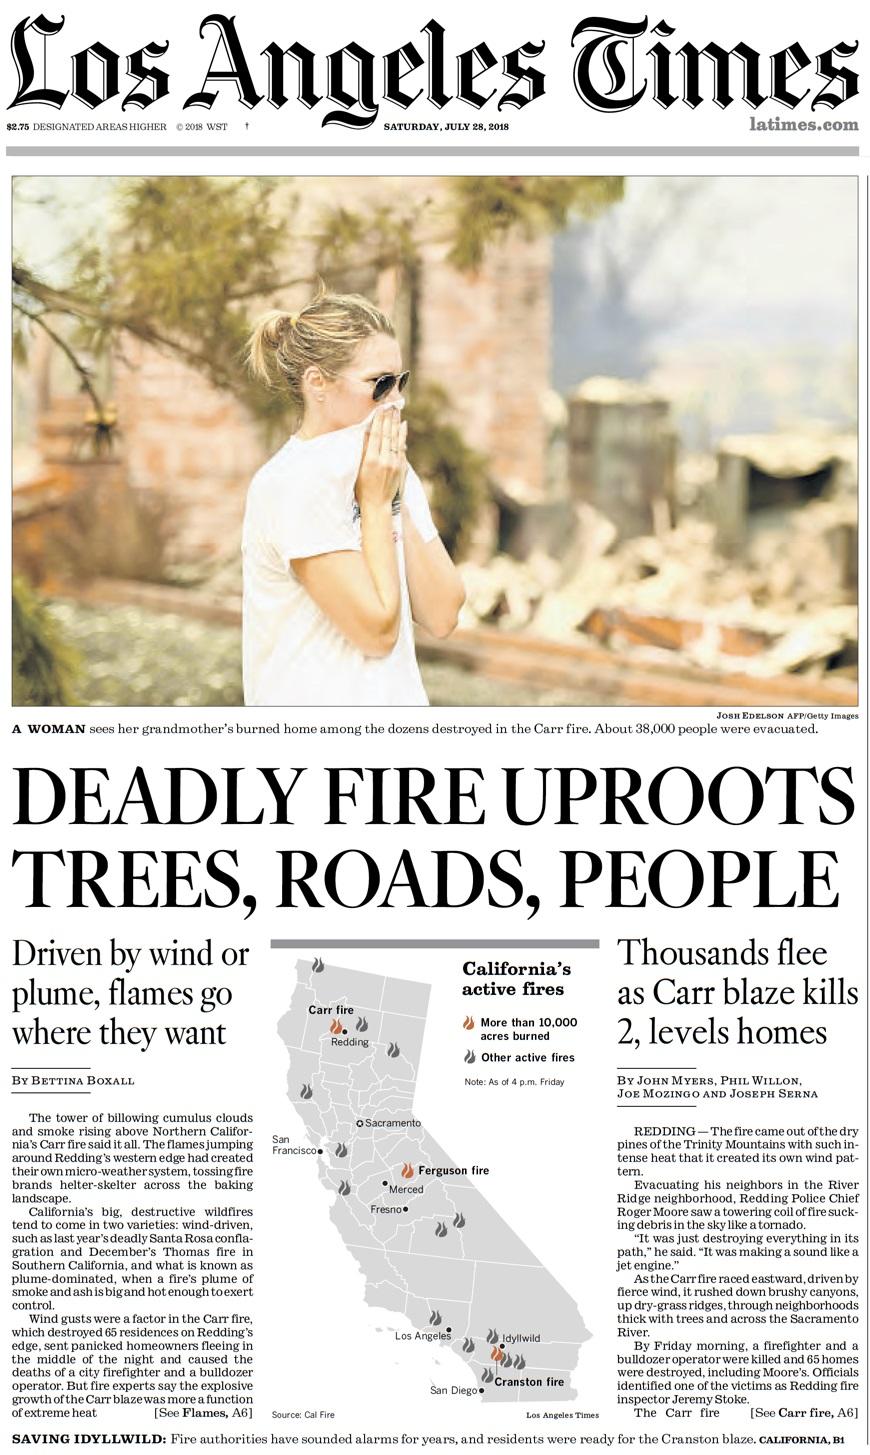 אש קטלנית עוקרת עצים, כבישים, בני אדם